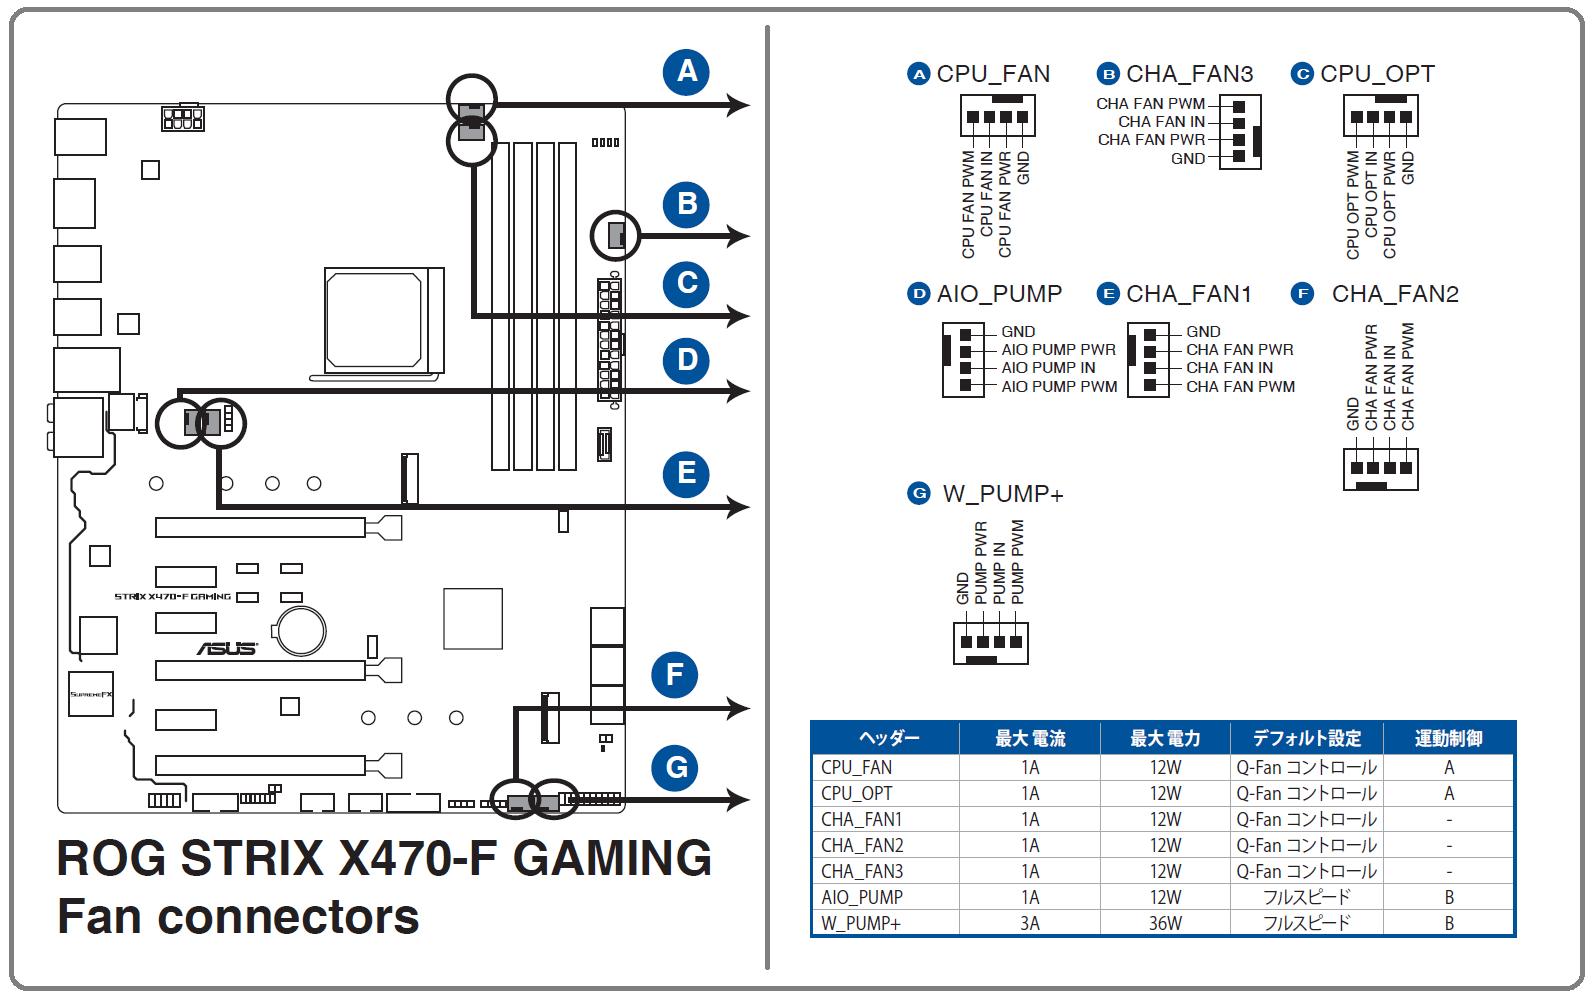 ASUS ROG STRIX X470-F GAMING」をレビュー。サイバー